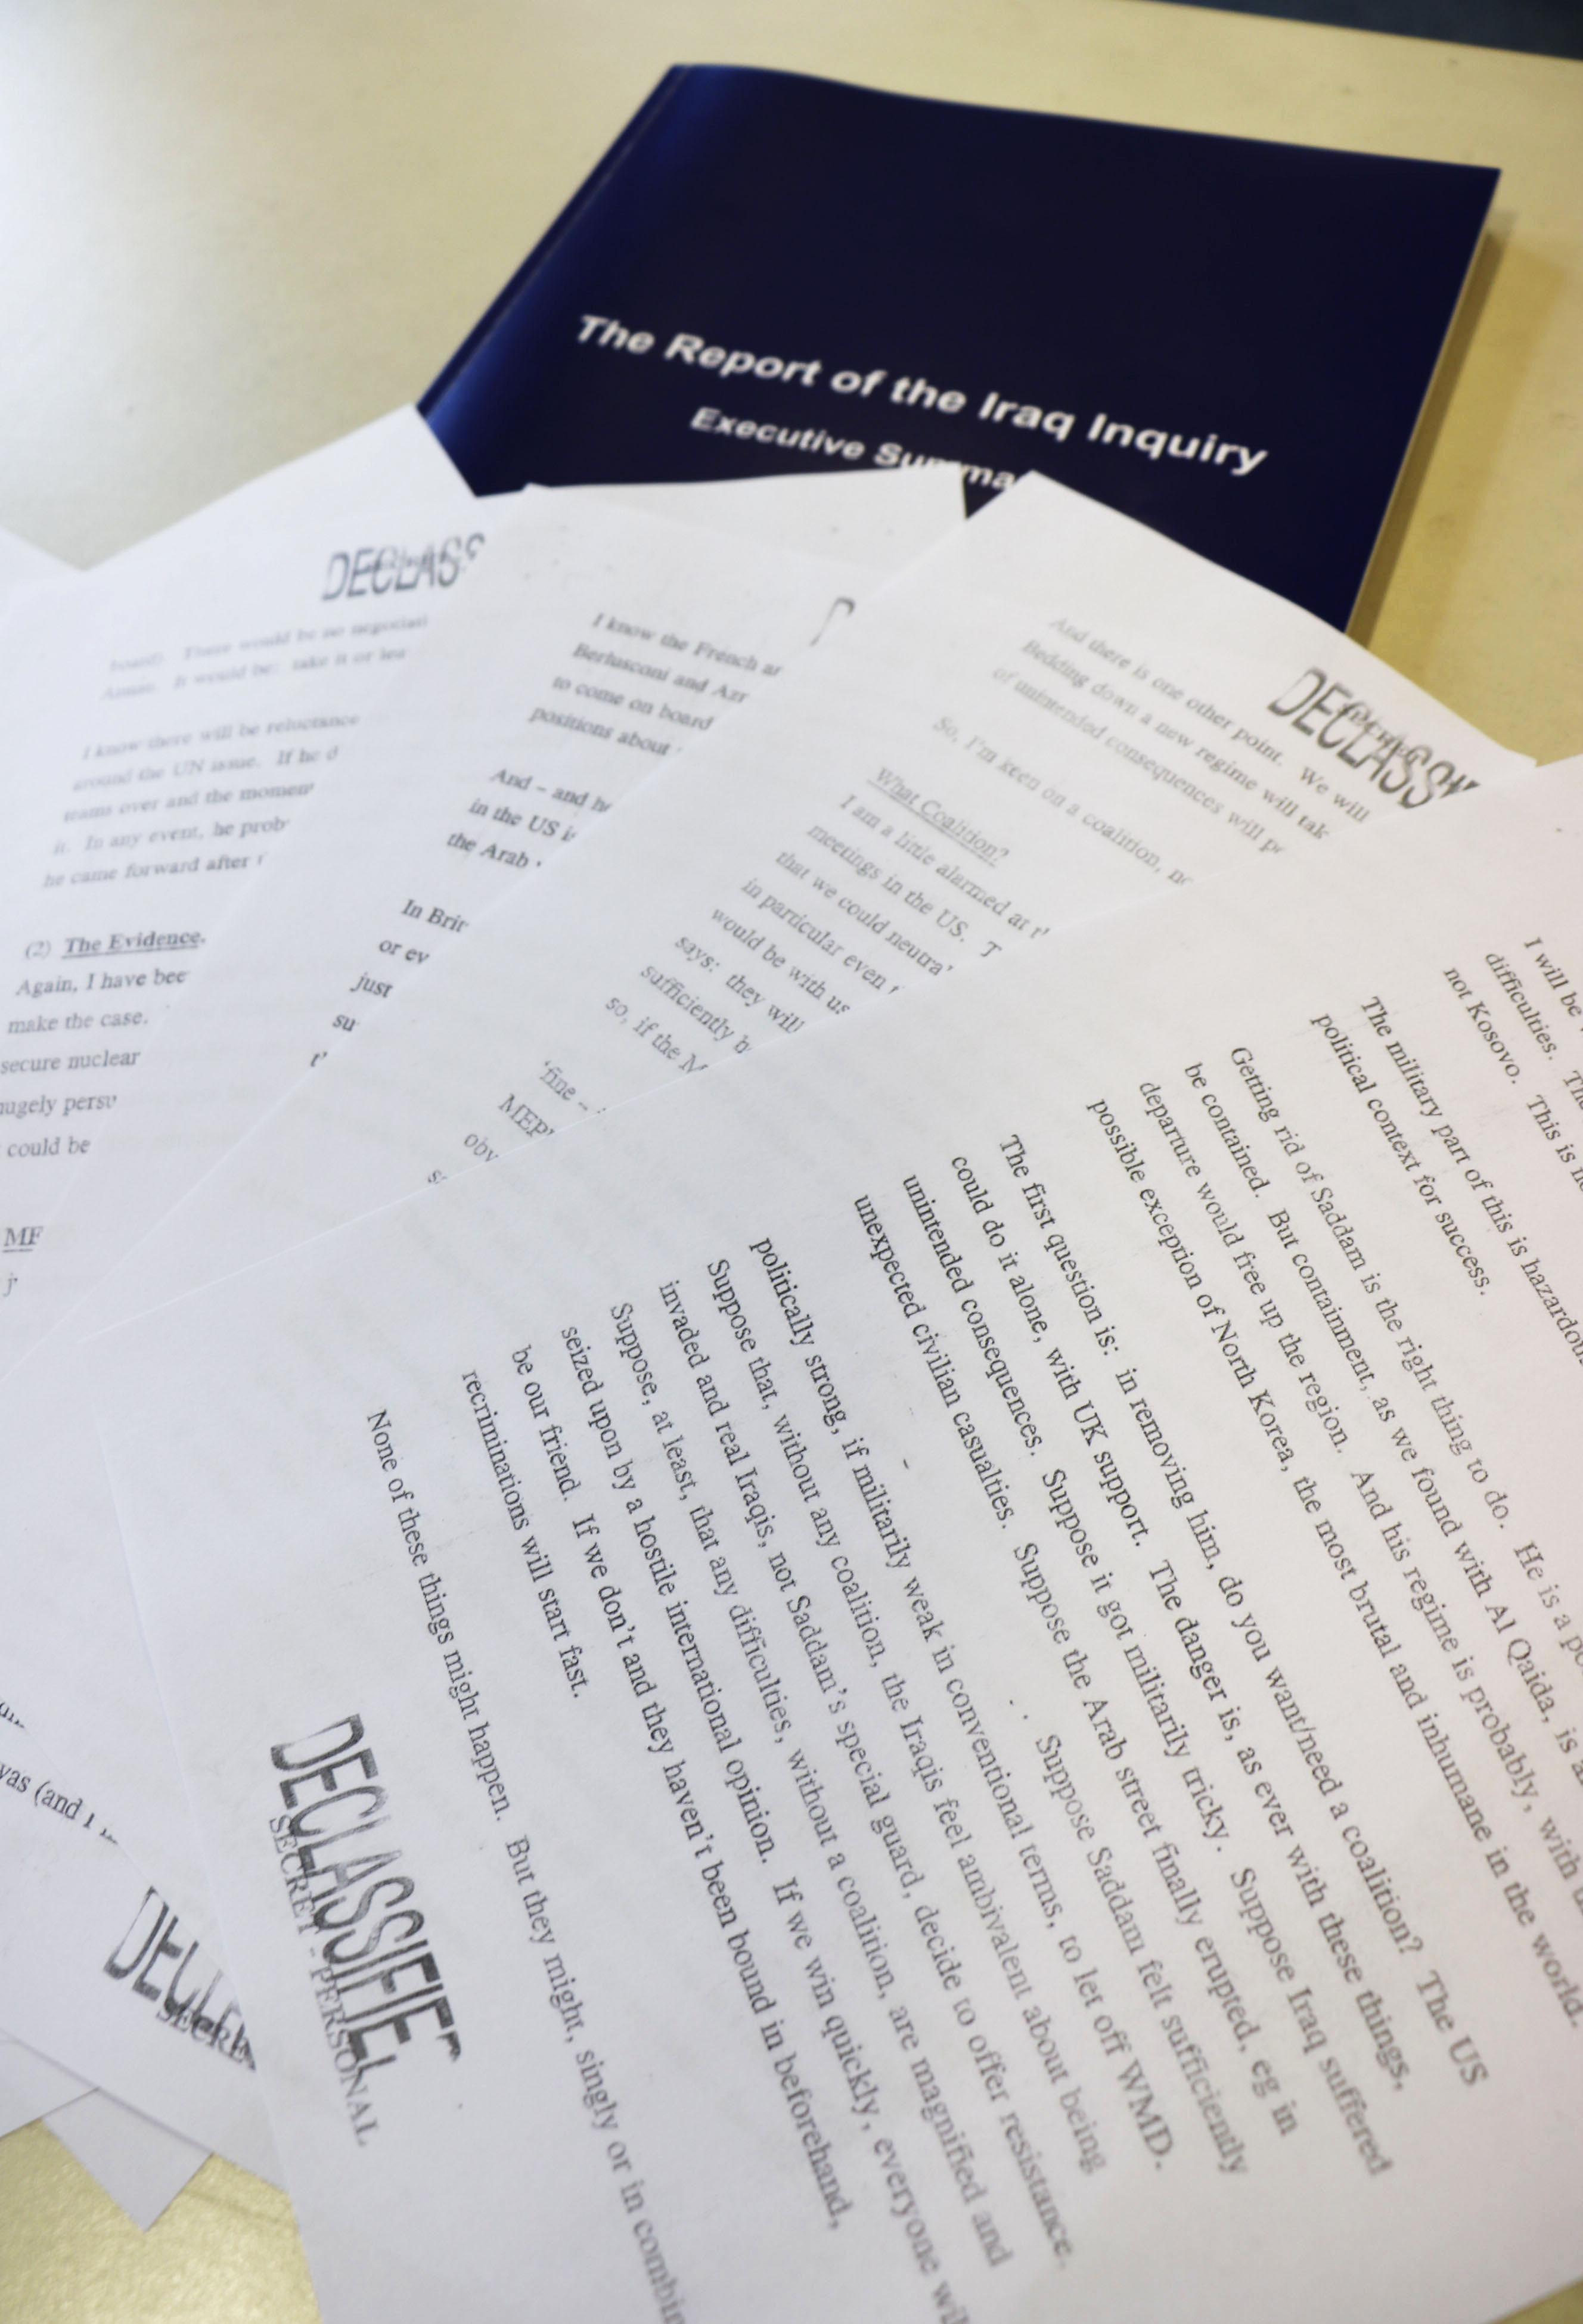 イラク戦争に関する英国の独立調査委員会の検証報告書(奥)と秘密指定を解除された文書(共同)